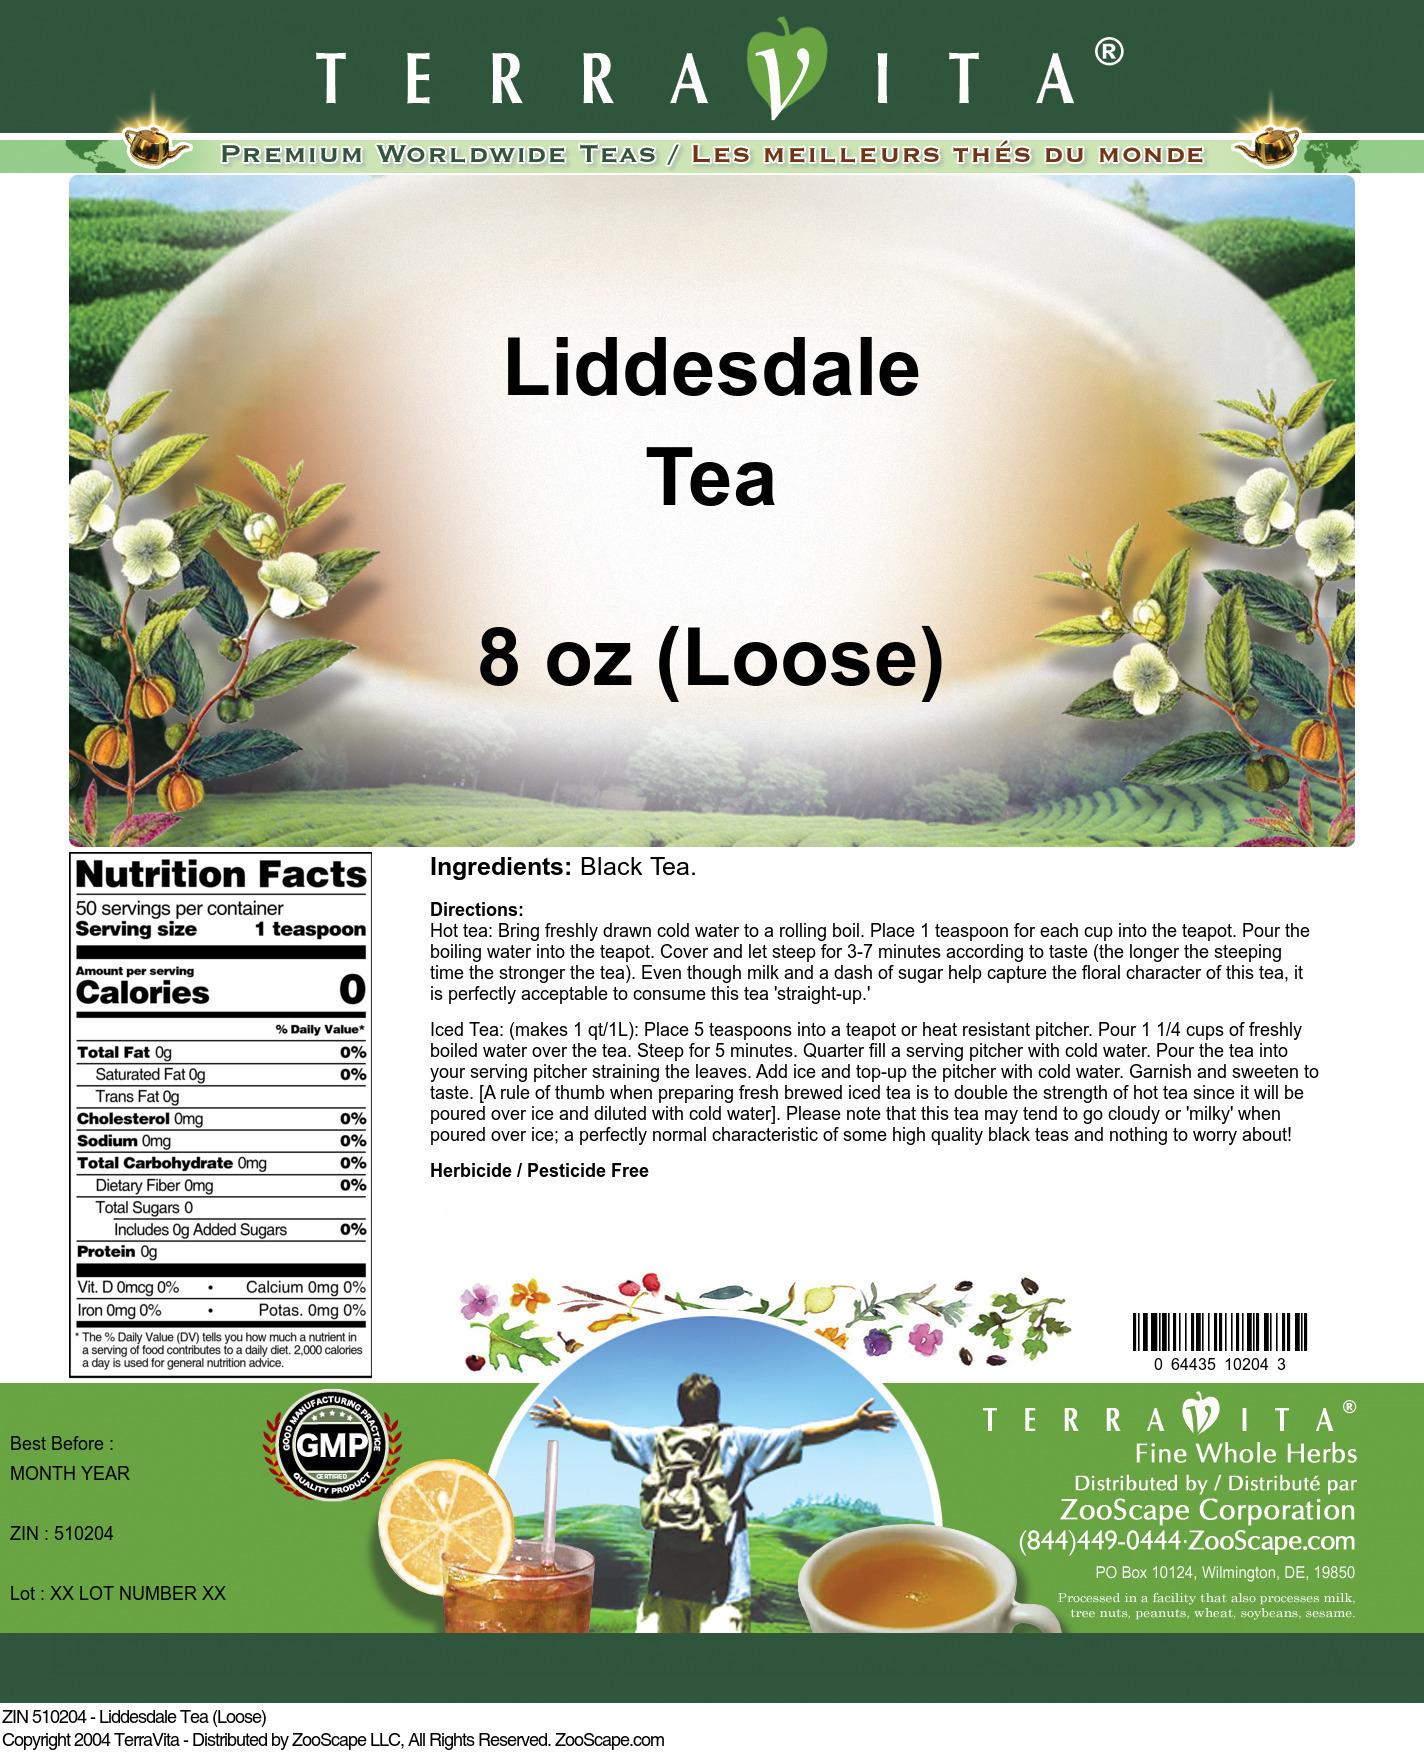 Liddesdale Tea (Loose)